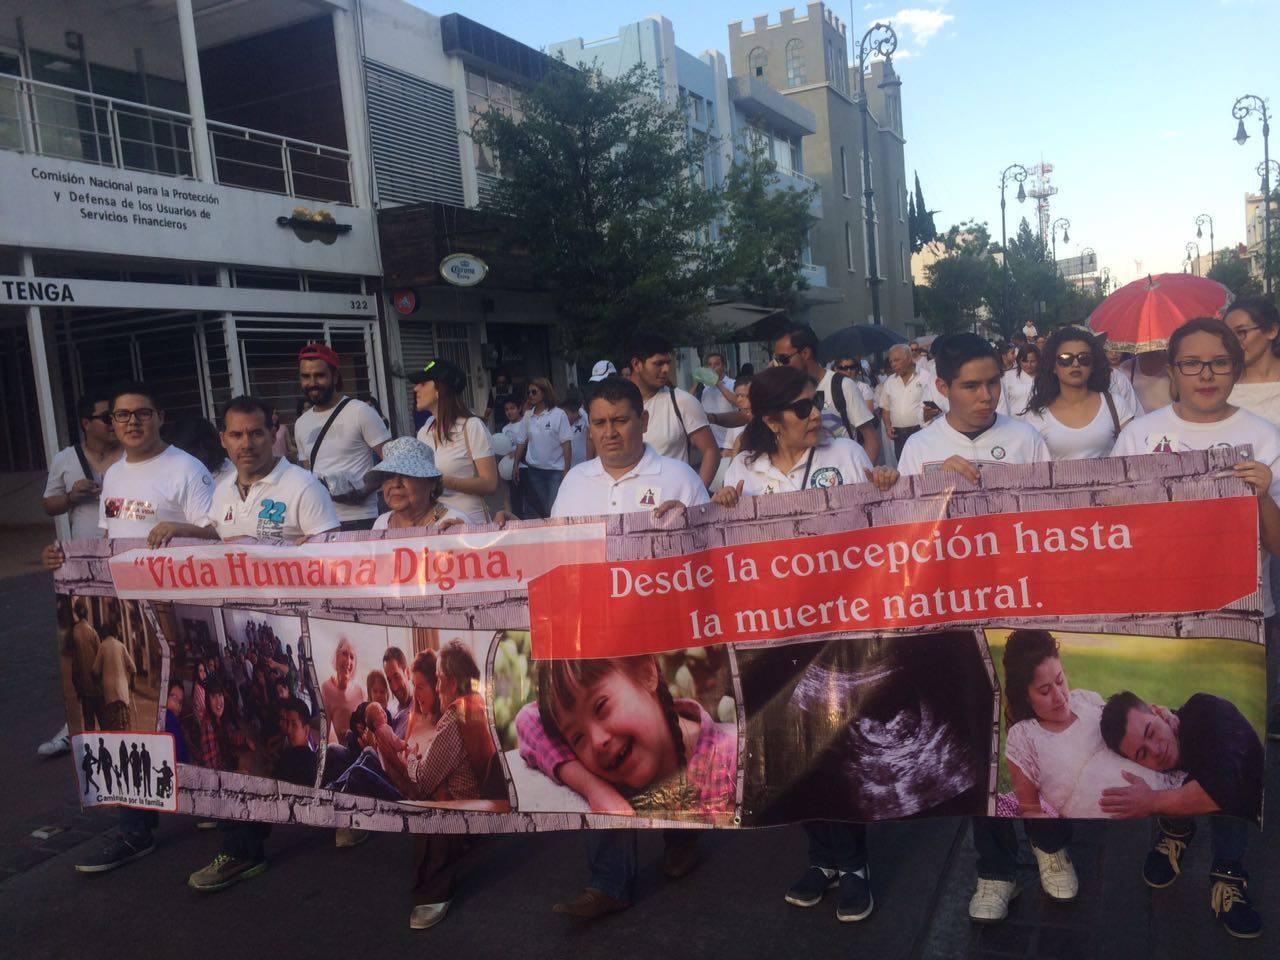 El Discurso del Frente Nacional por la Familia es Contradictorio: Manuel Alejandro Gutiérrez